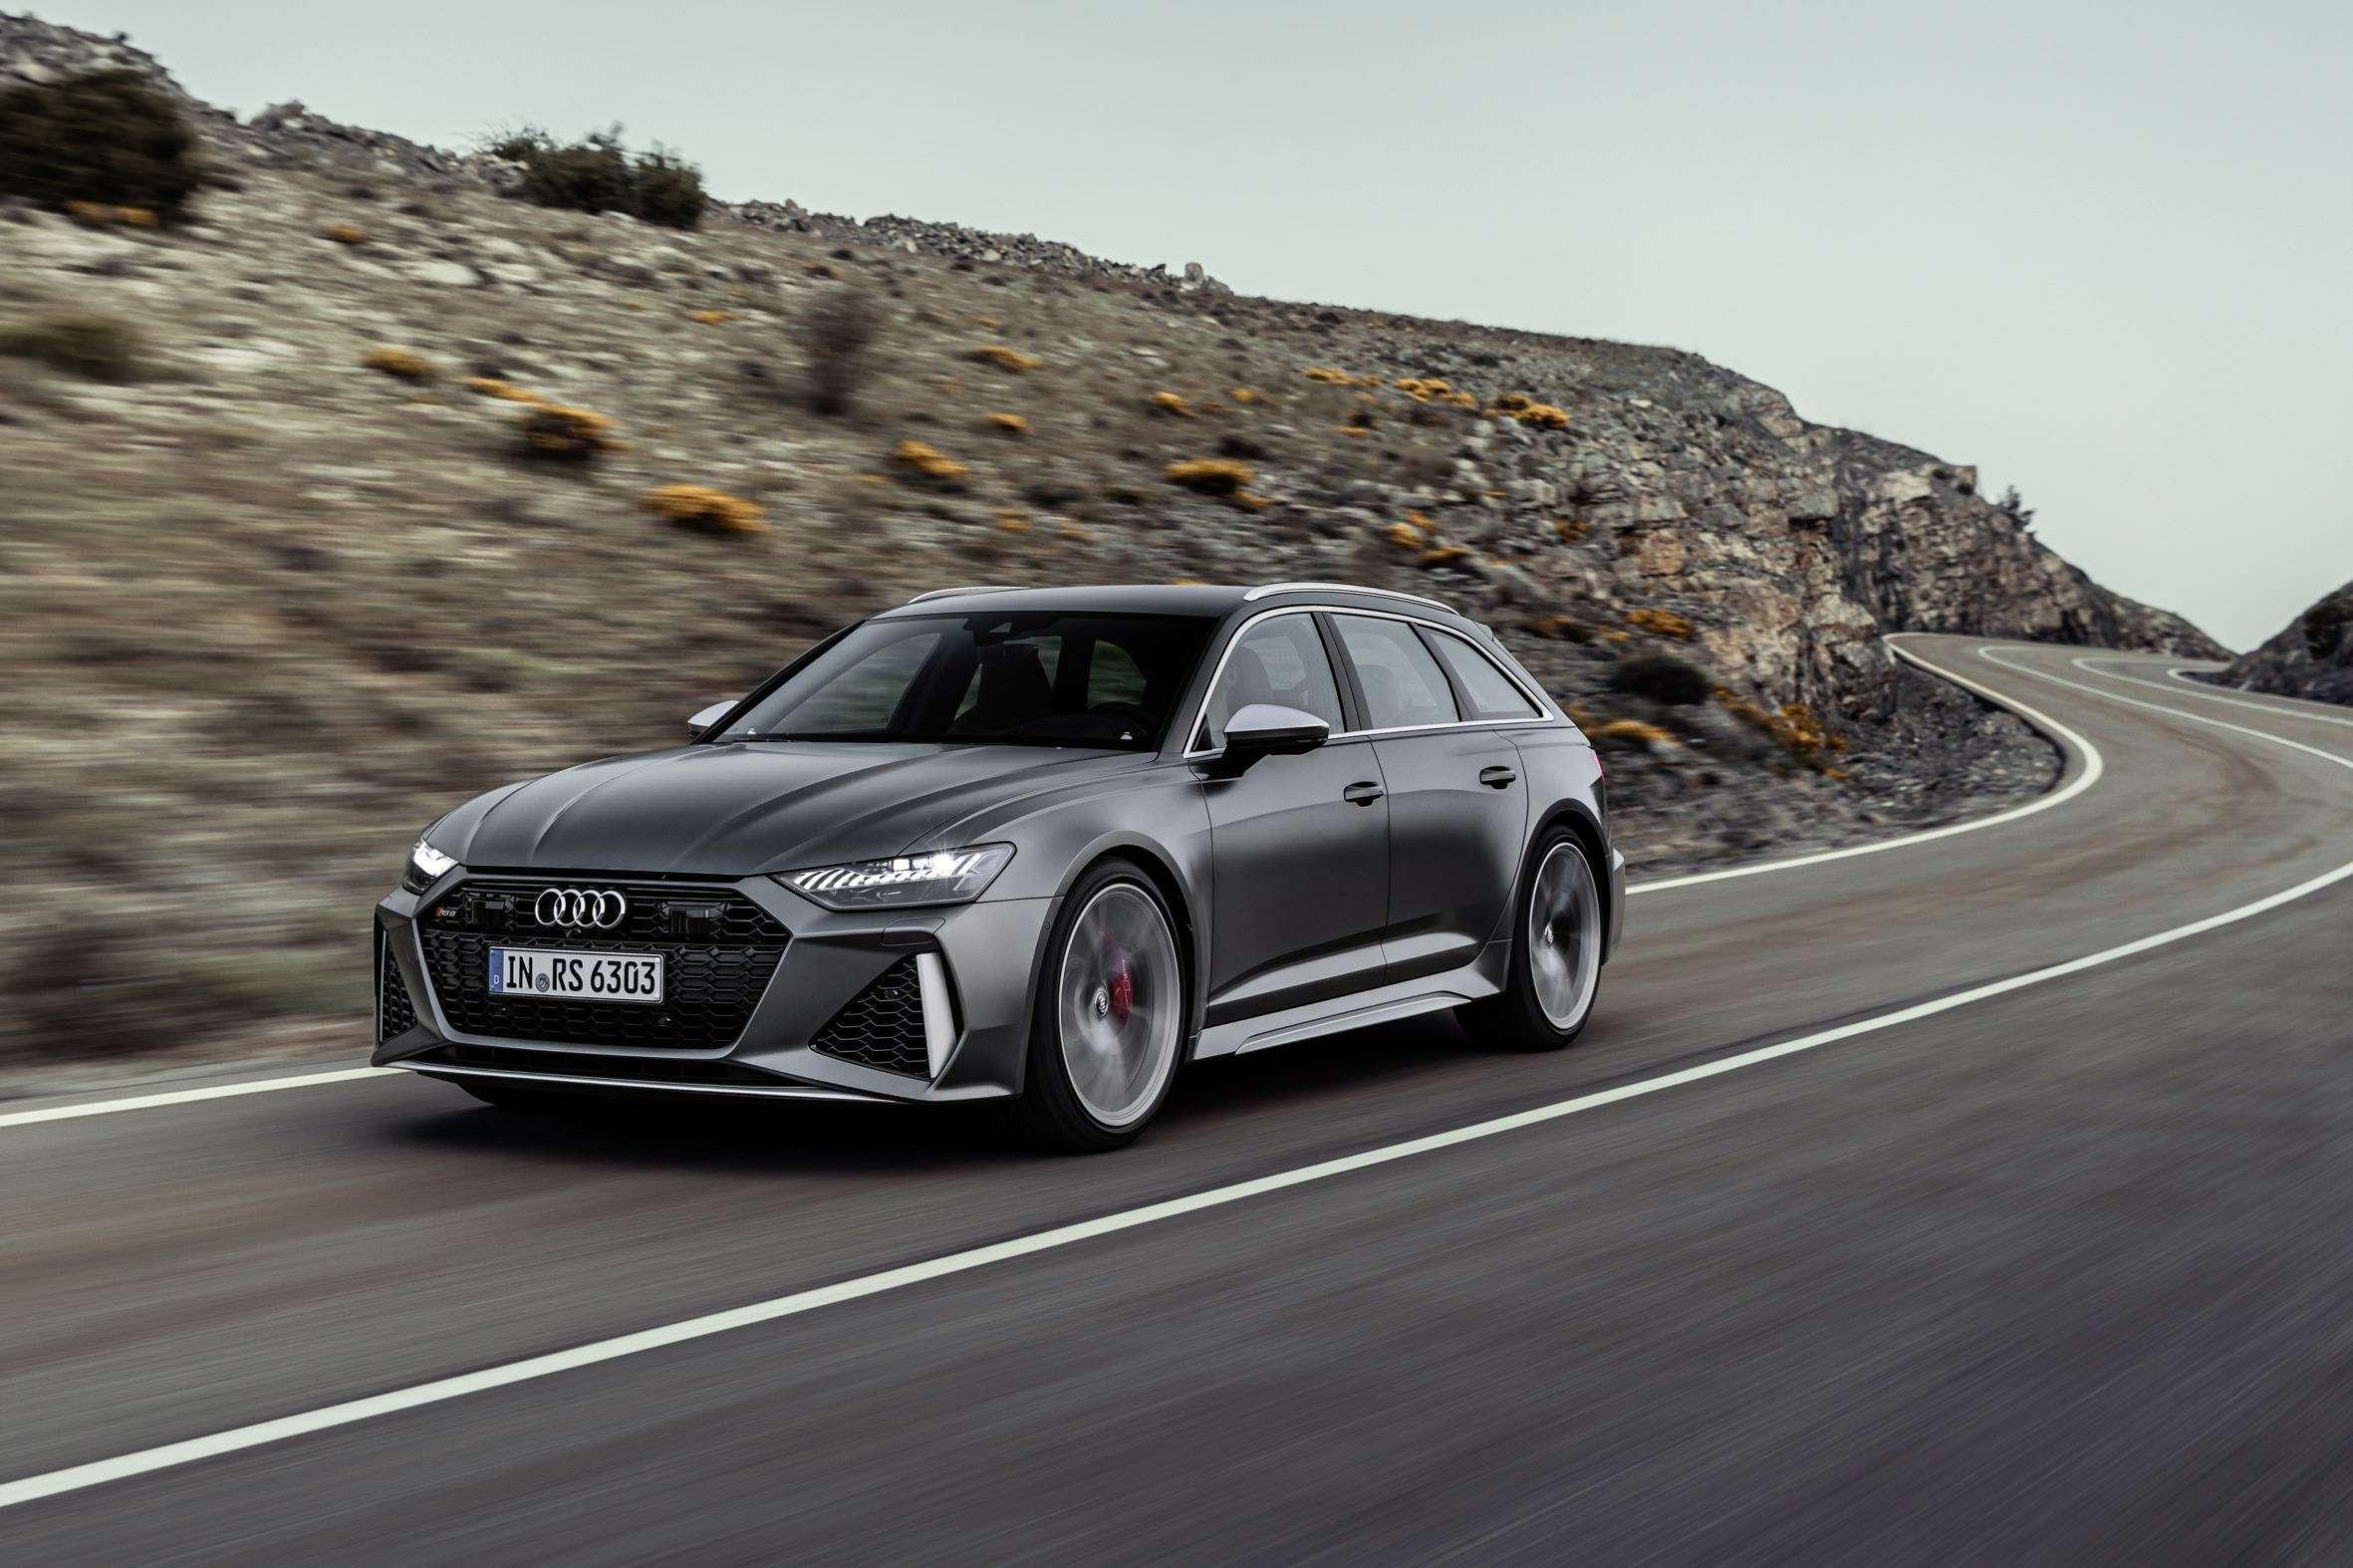 Audi сделала 600-сильный универсал A6с фарами отA7— фото 993274